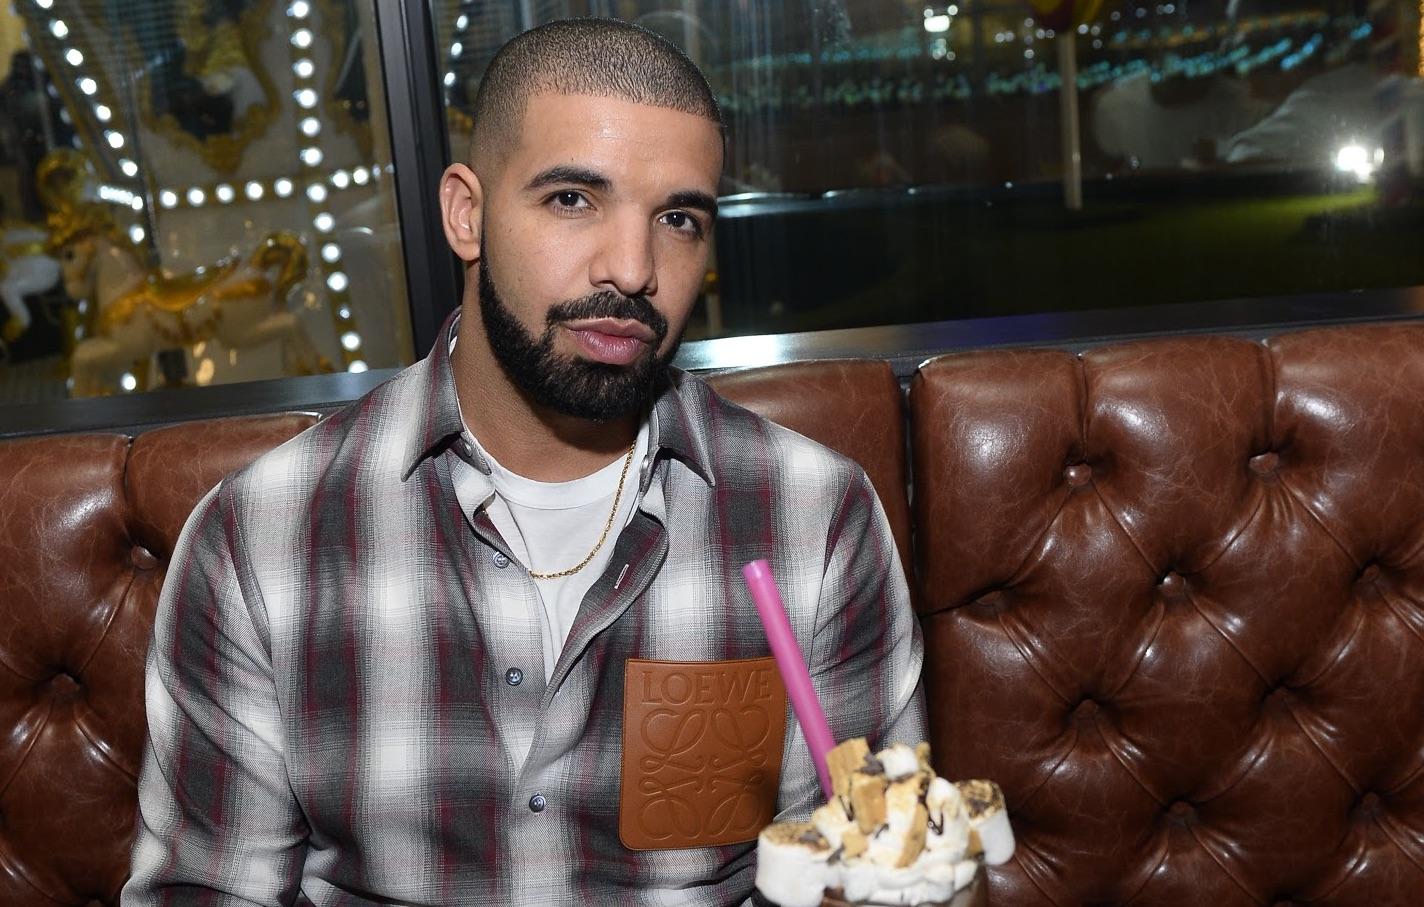 Drake at Sugar Factory